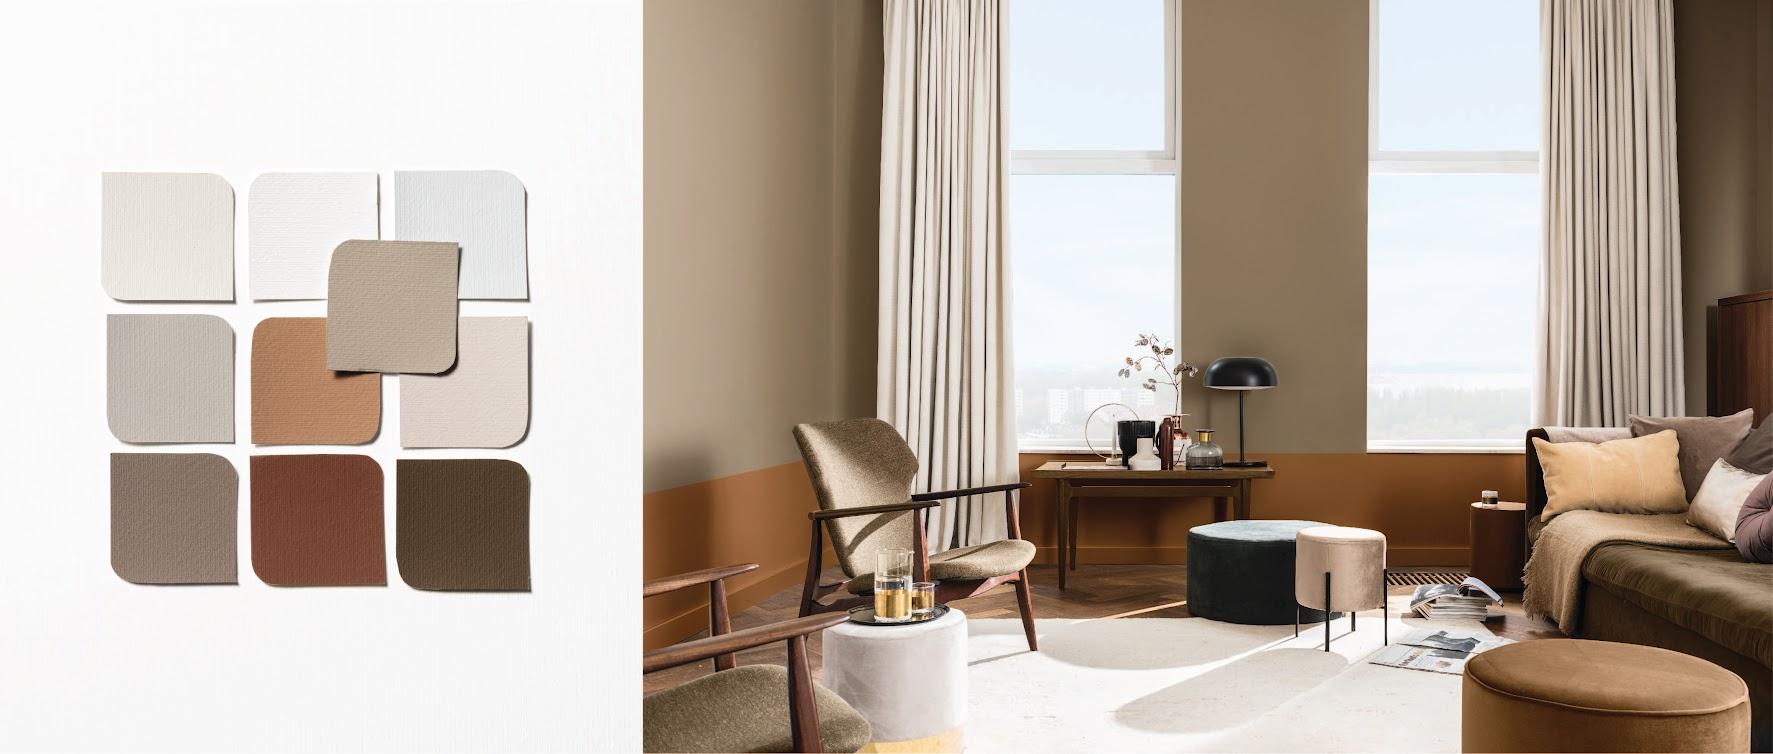 Bảng màu Tin cậy ứng dụng vào một không gian phòng khách, nơi gia đình có thể sum vầy hoặc trò chuyện với những người khách quý. Nâu Quả Cảm đã thể hiện vai trò kết nối tuyệt vời, mang lại cảm xúc tin cậy.